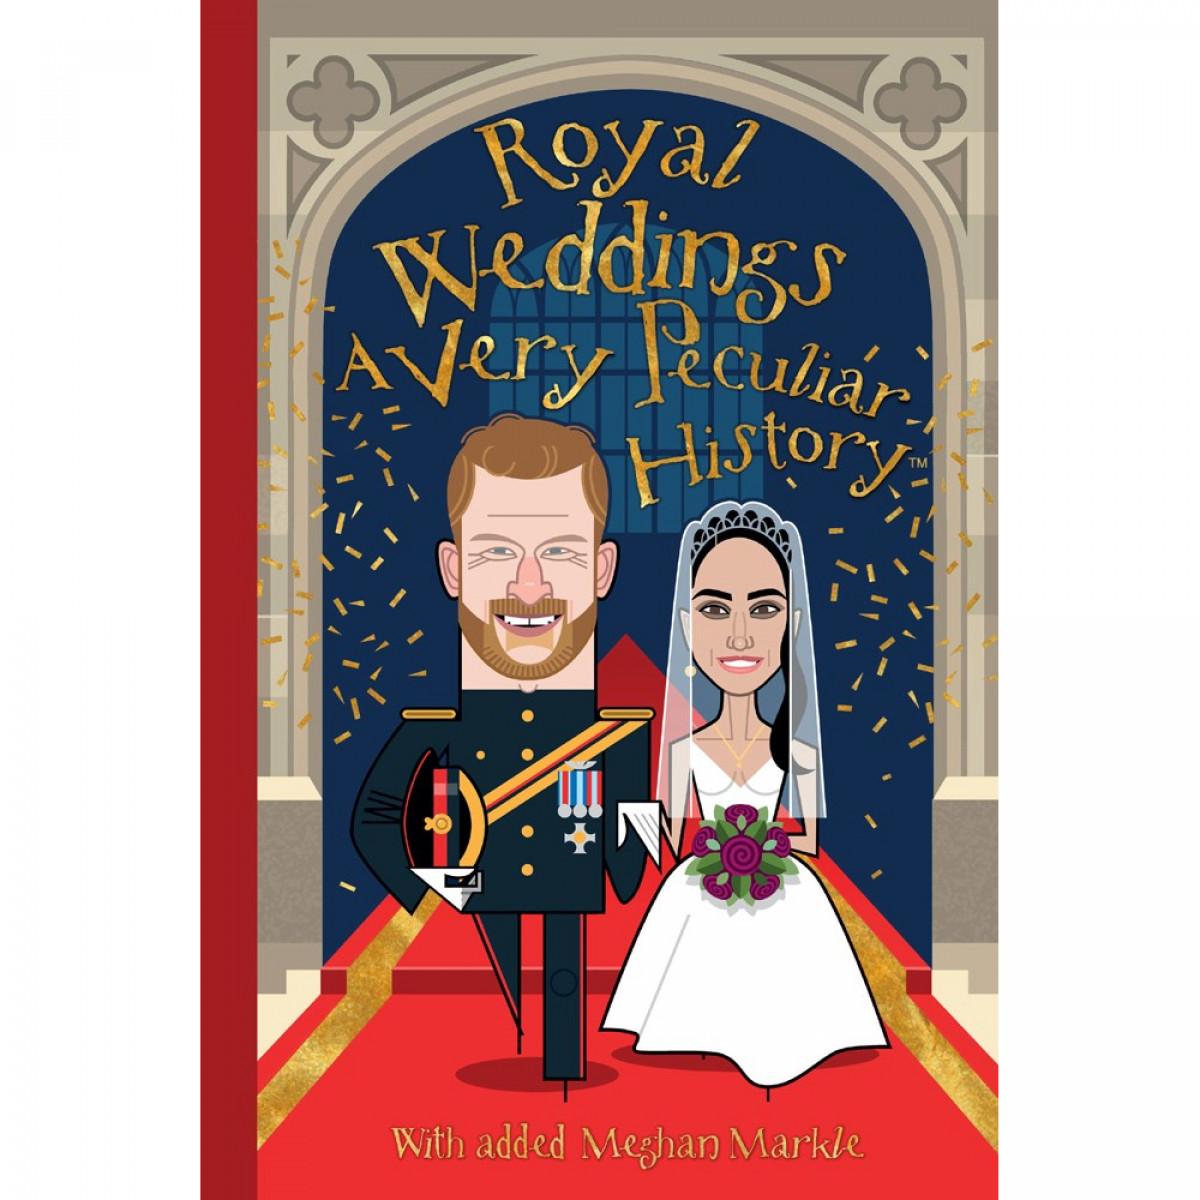 Billedresultat for royal wedding cartoon